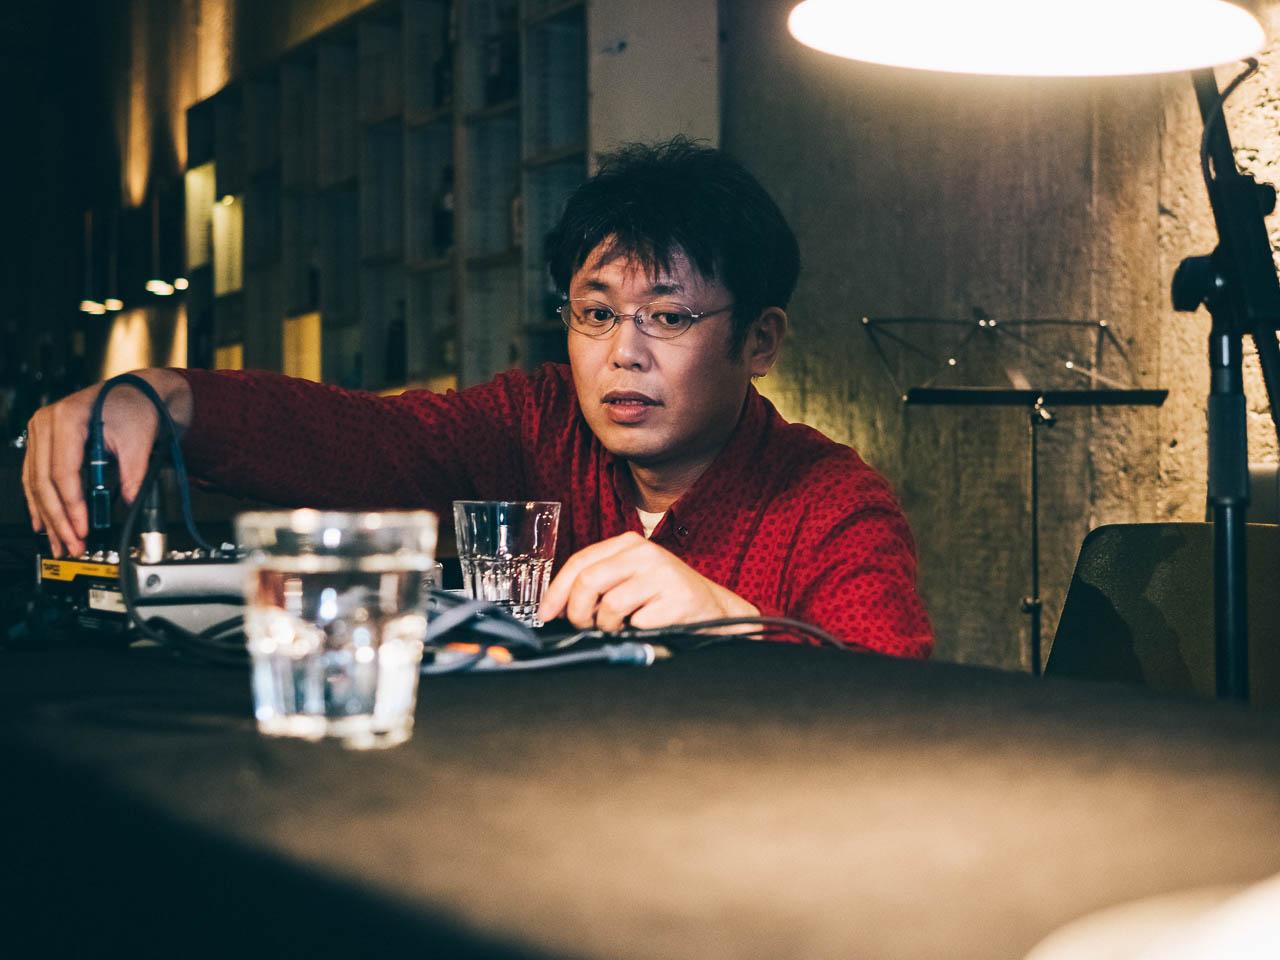 Tomomi Adachi